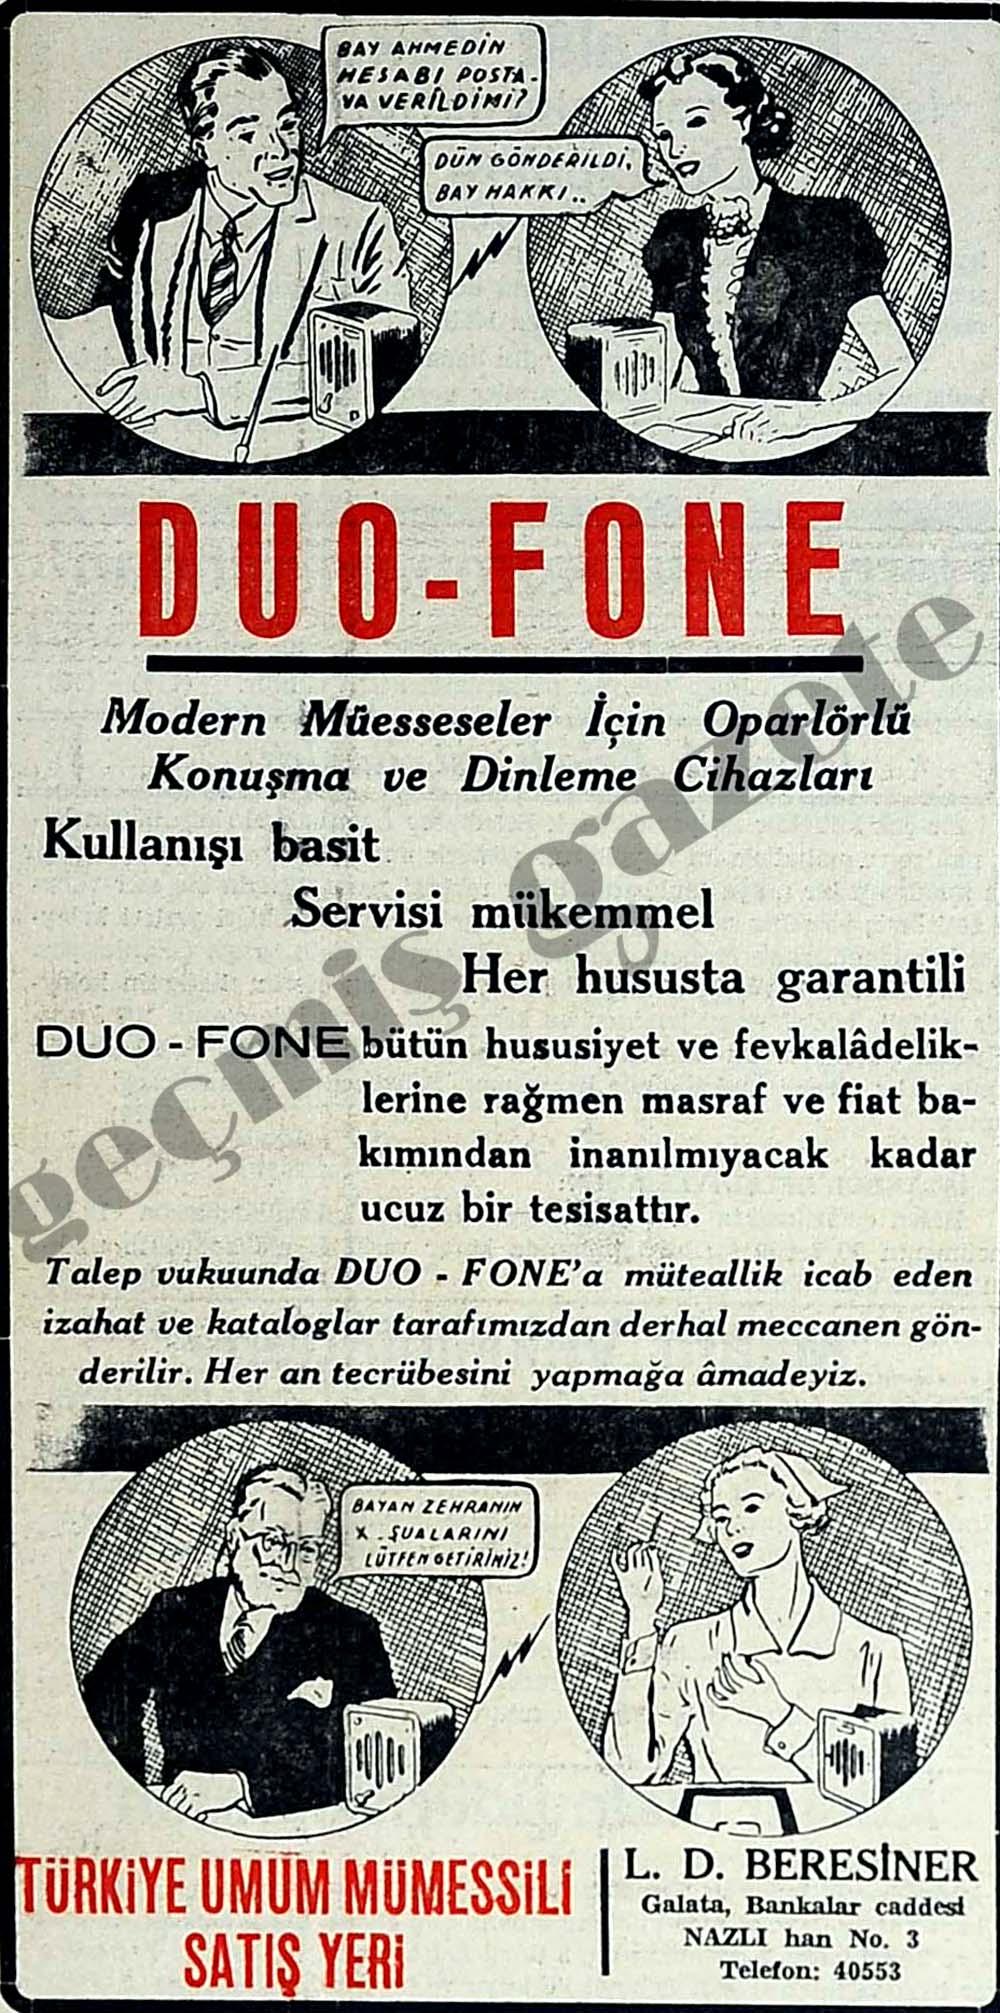 Duo-Fone Modern Müesseseler İçin Oparlörlü Konuşma ve Dinleme Cihazları